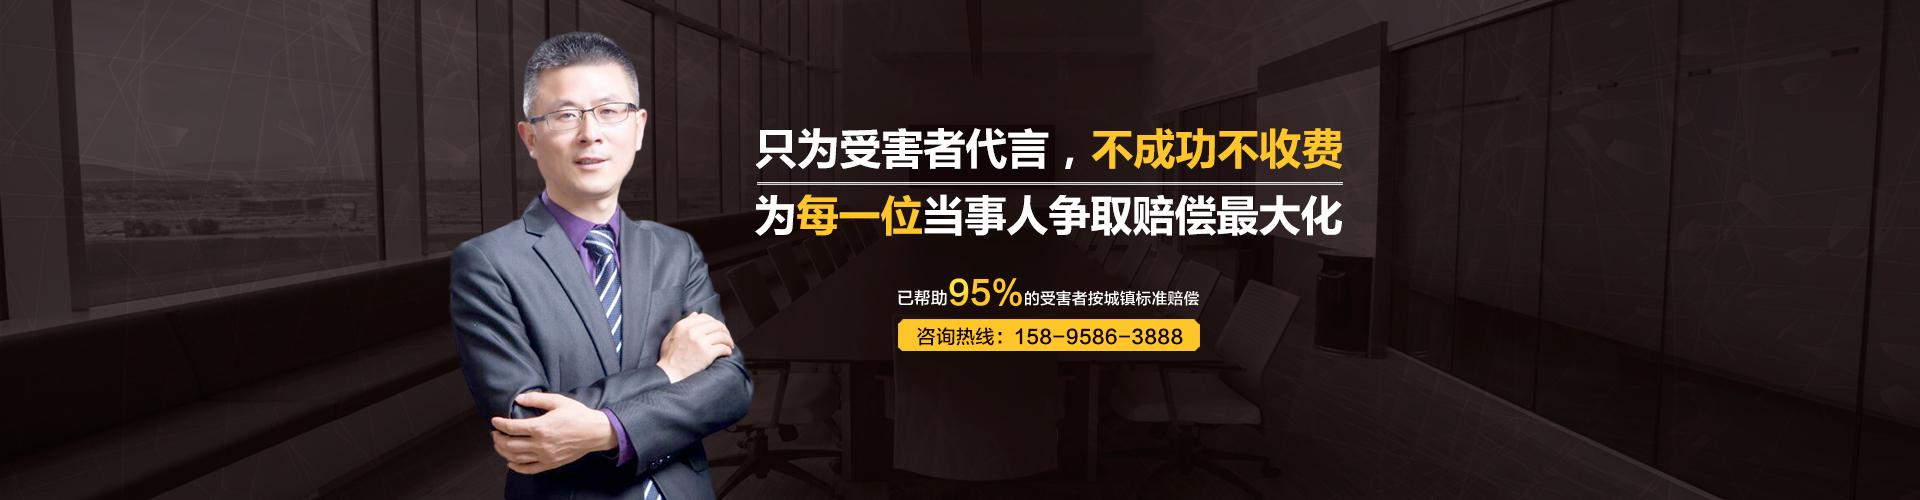 南京知名刑事交通网